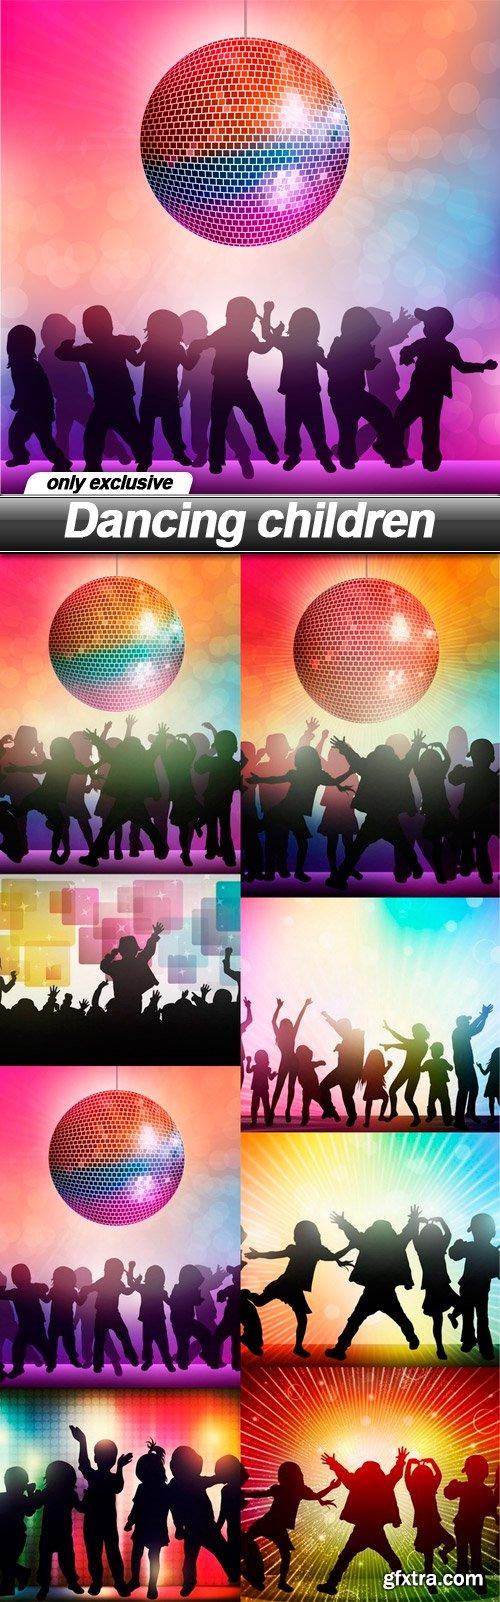 Dancing children - 8 EPS